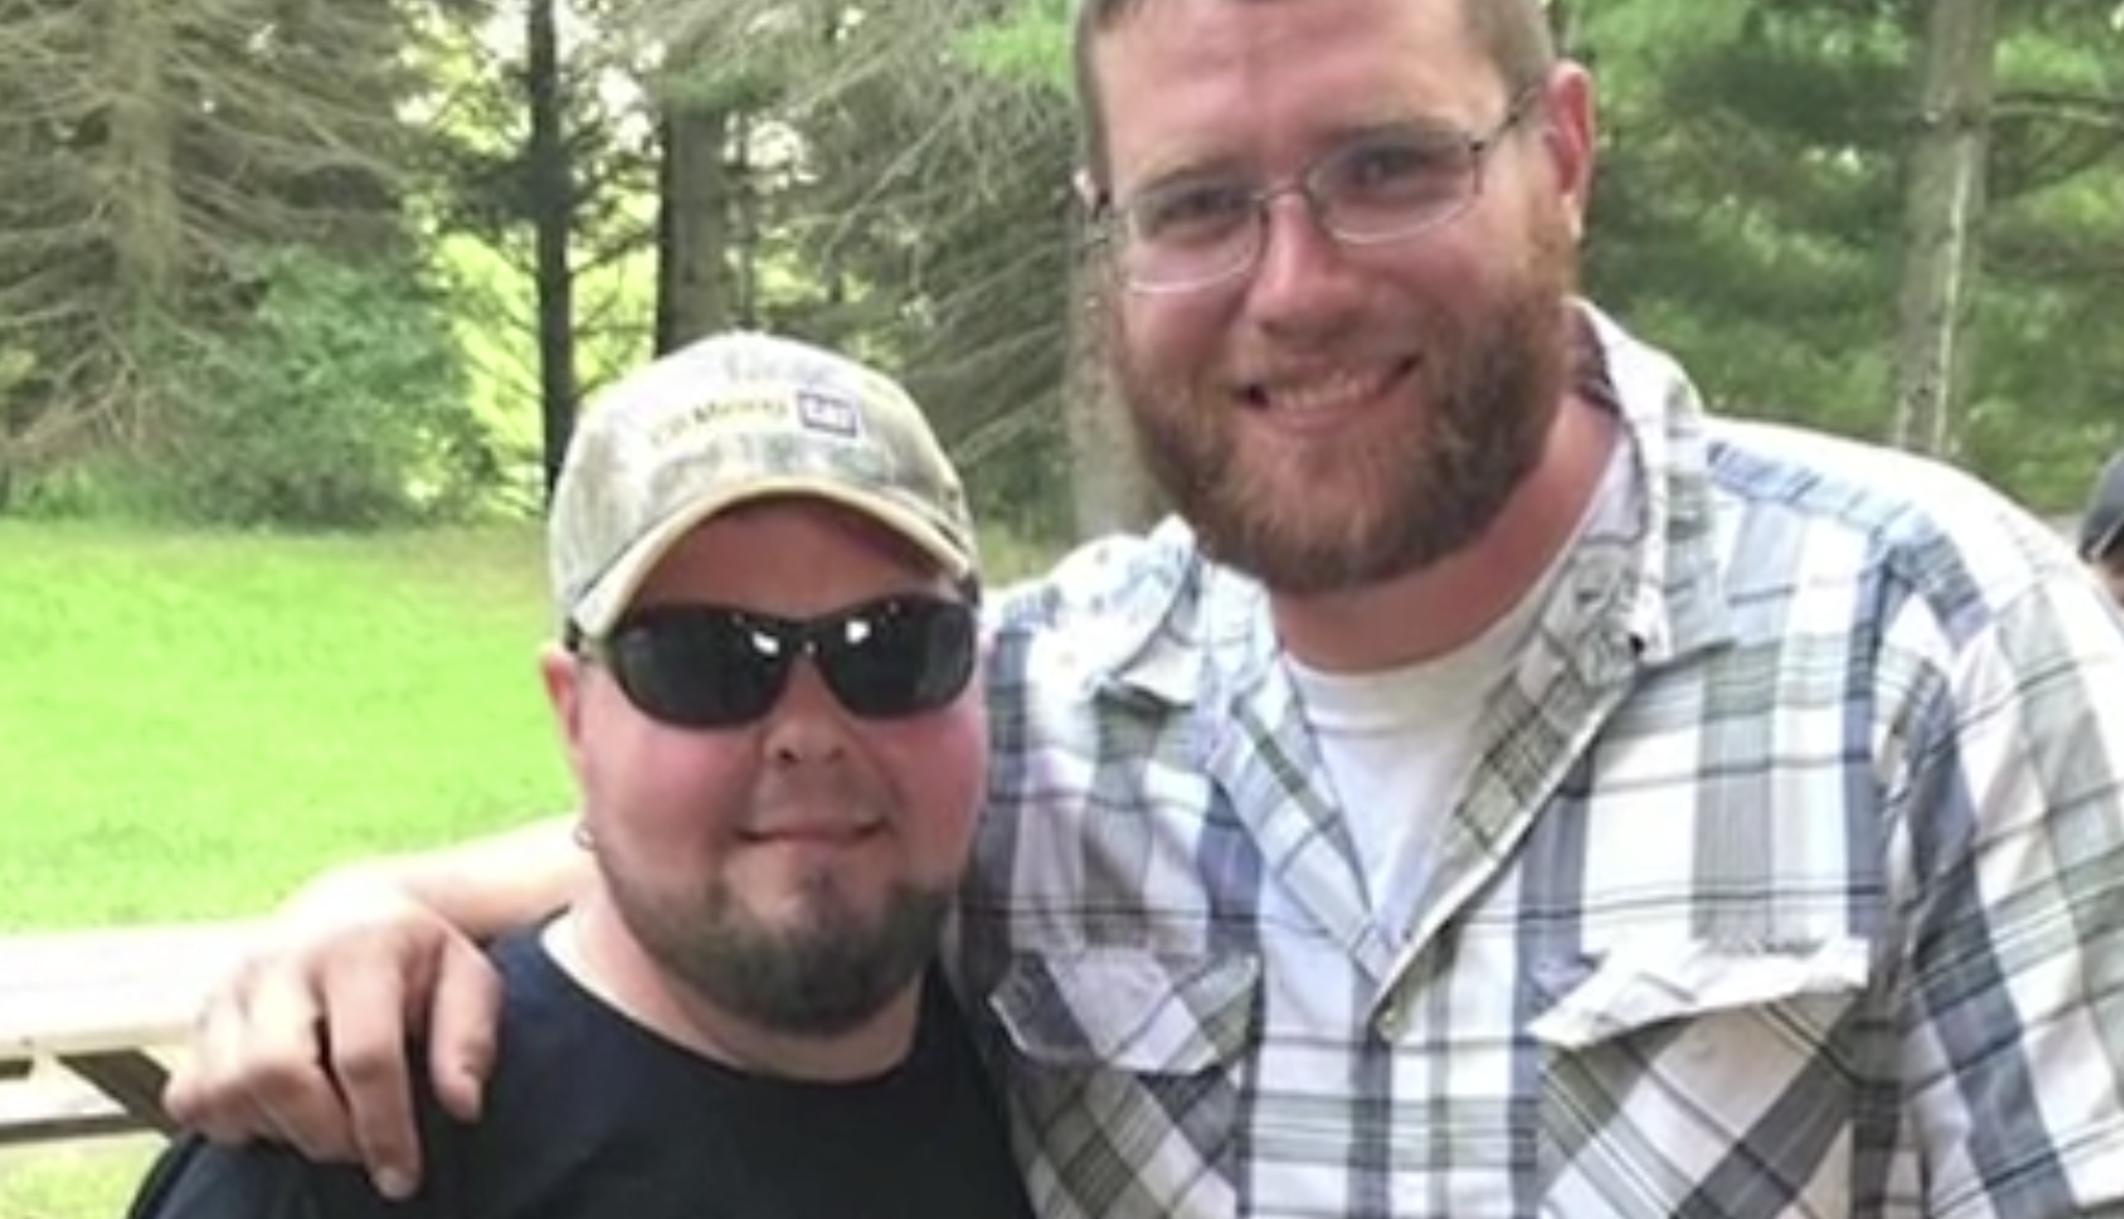 Moški iz Ohia umoril najboljšega prijatelja, da bi prikril njuno gejevsko afero